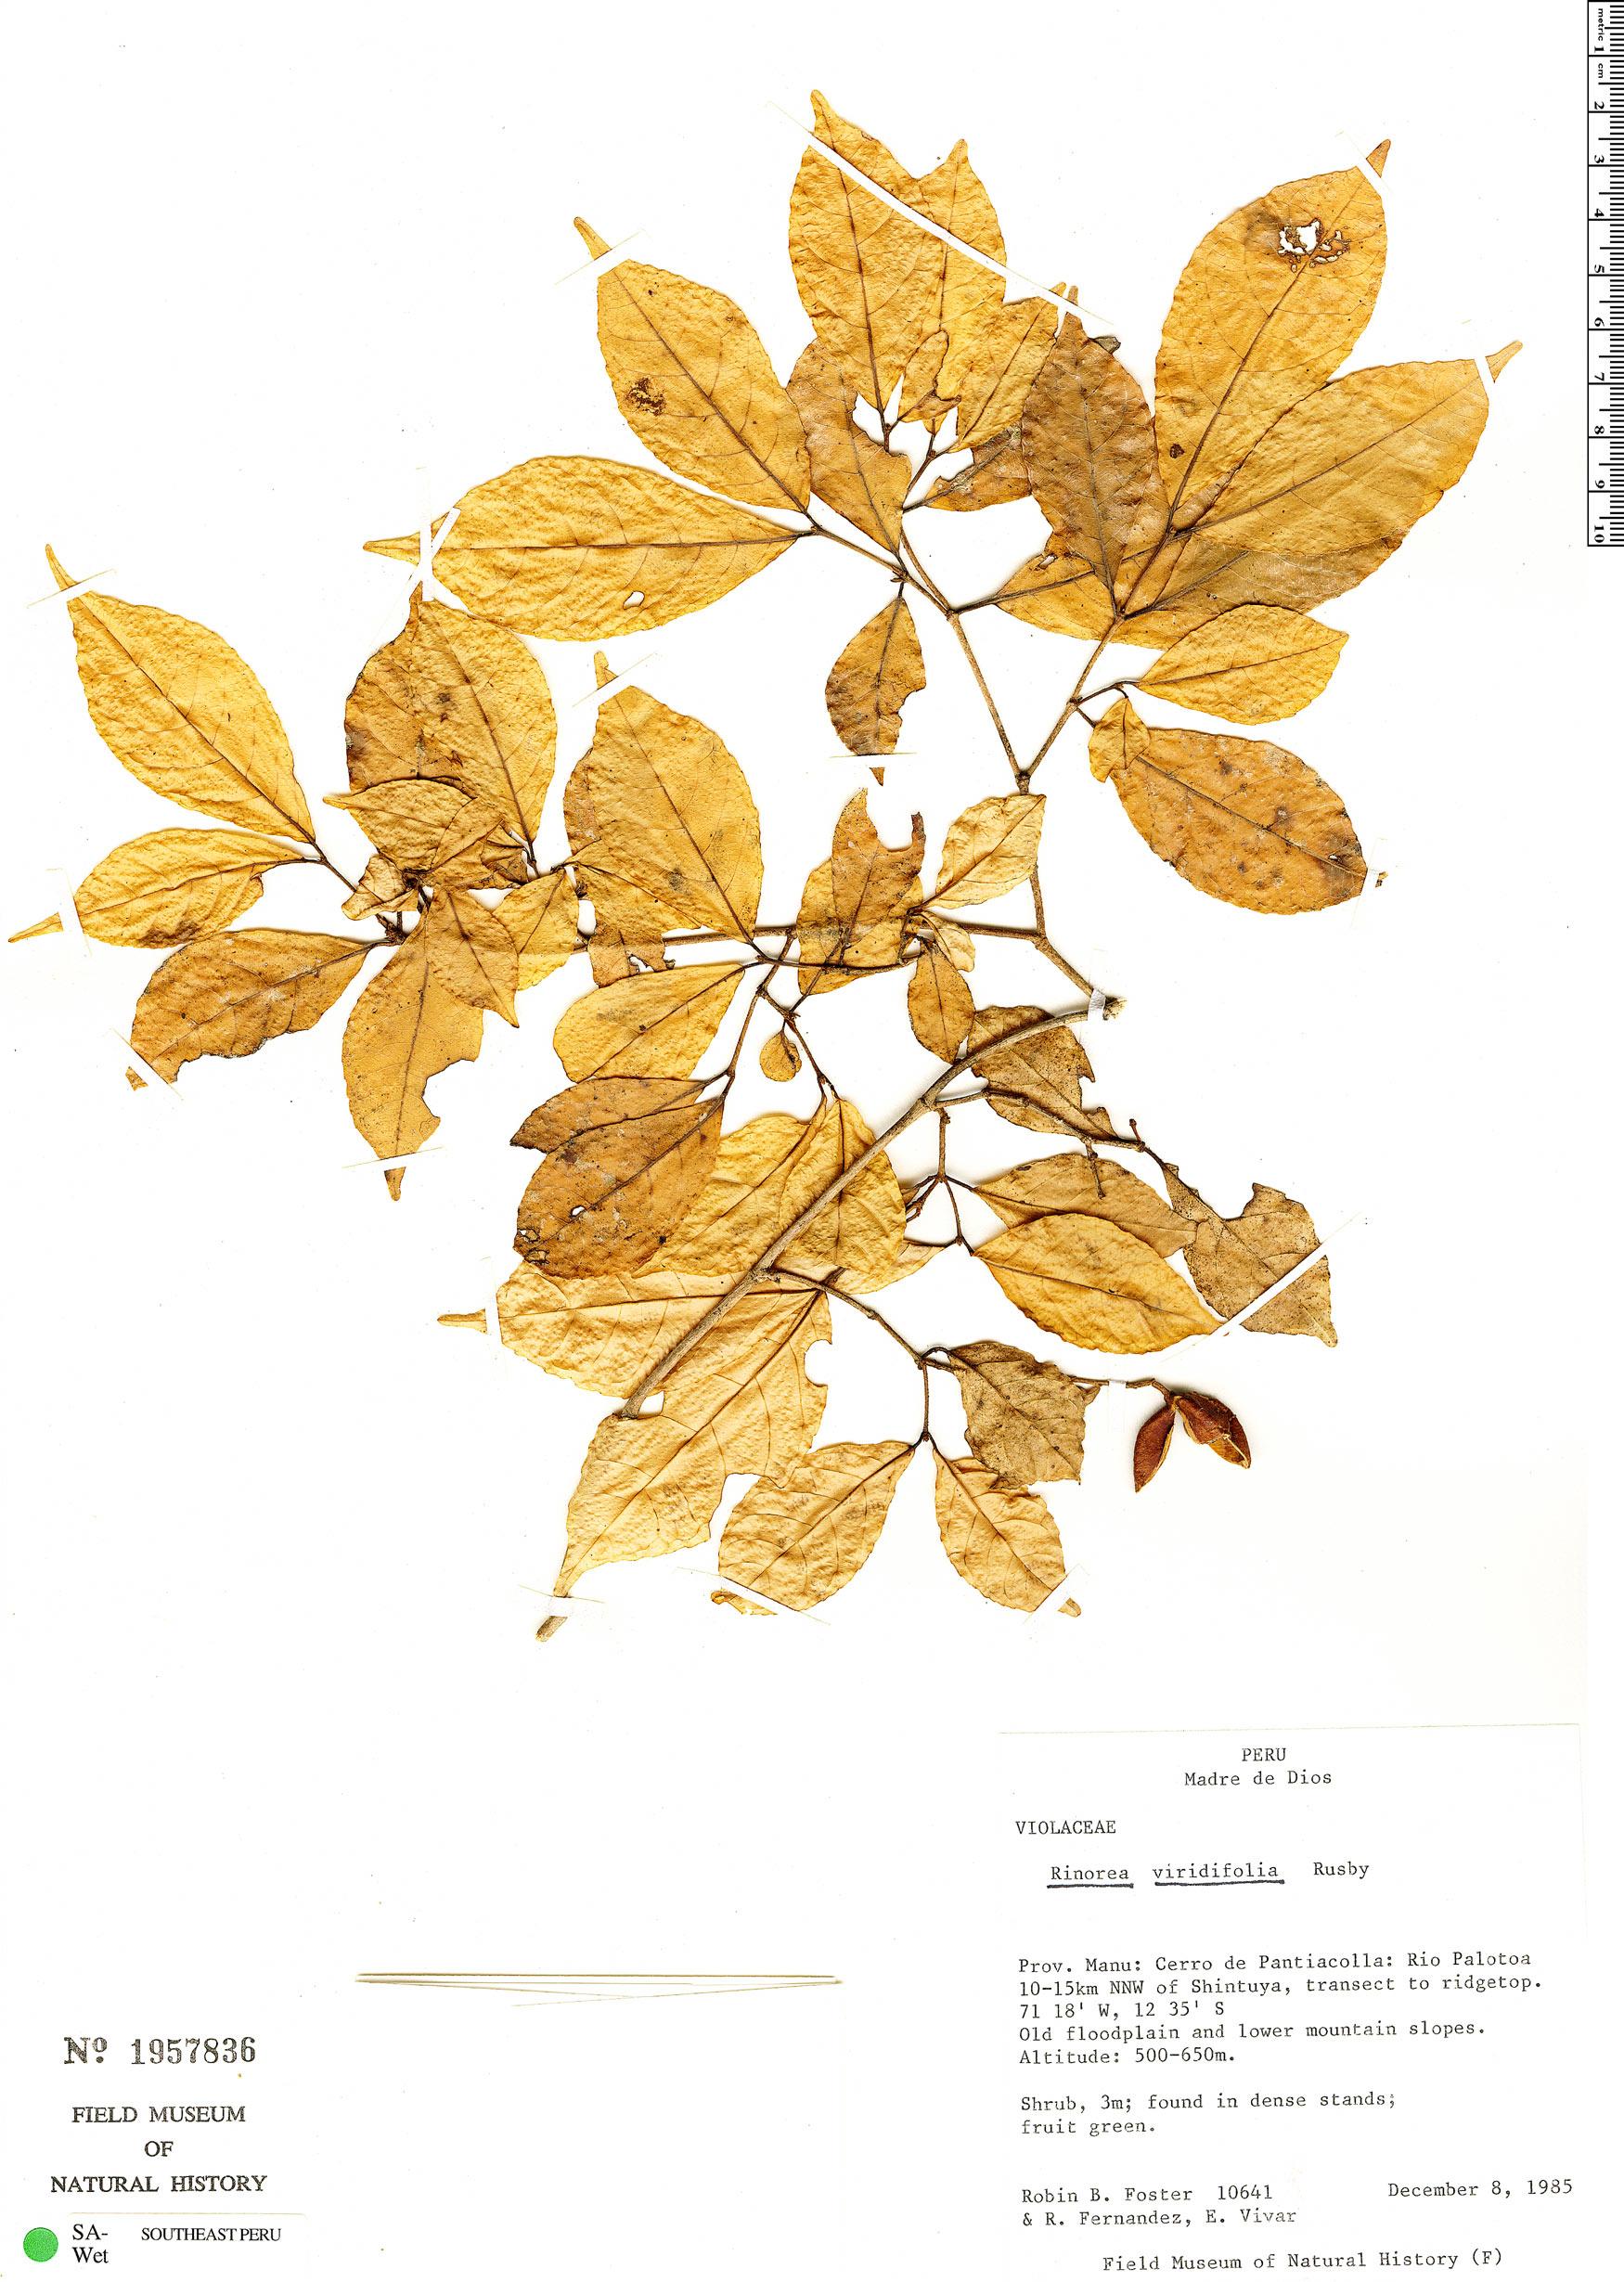 Specimen: Rinorea viridifolia